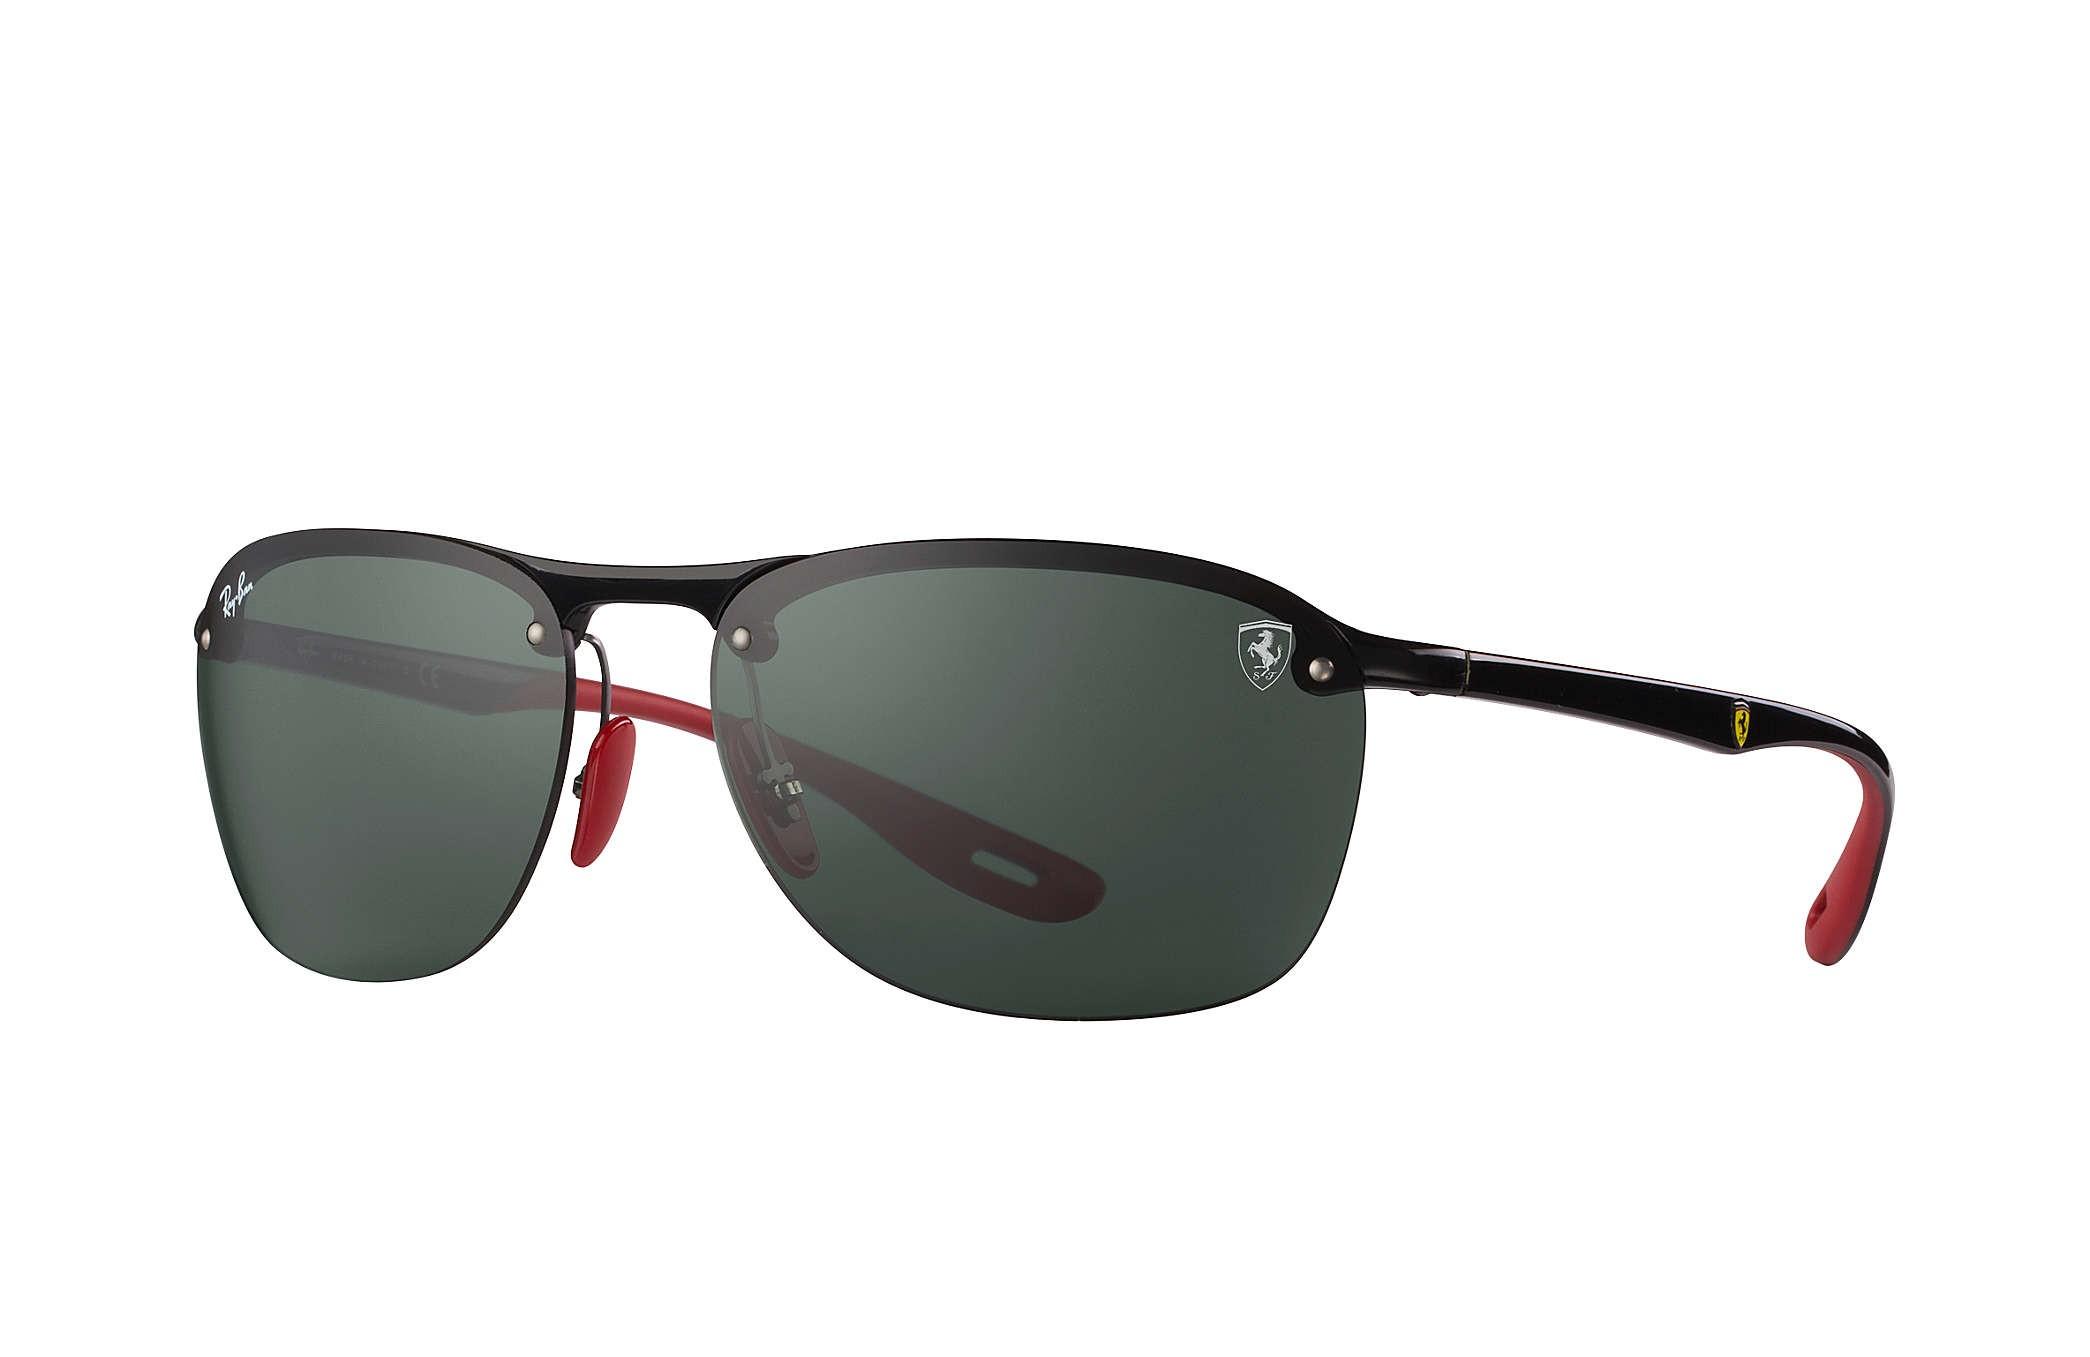 19ed8e5c1 Ray Ban 0RB4302M F60171 SCUDERIA FERRARI COLLECTION Black Red - Green